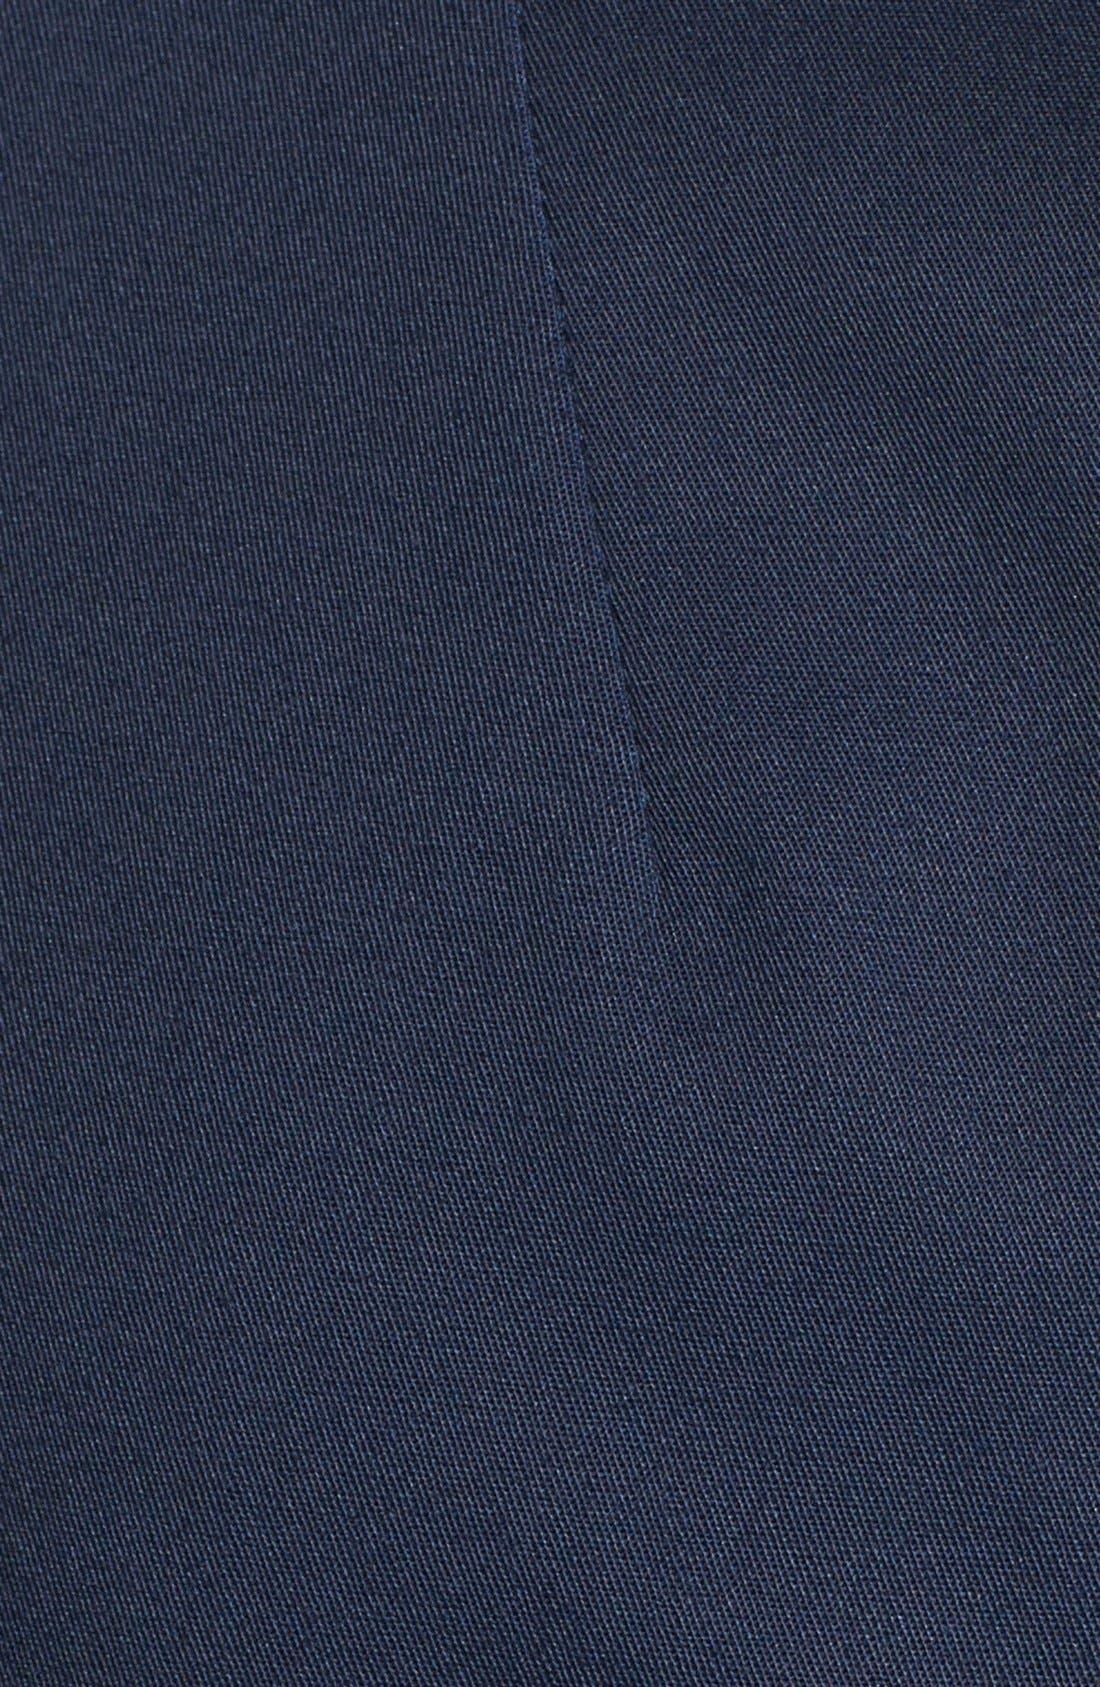 Alternate Image 3  - MICHAEL Michael Kors Grommet Safari Jacket